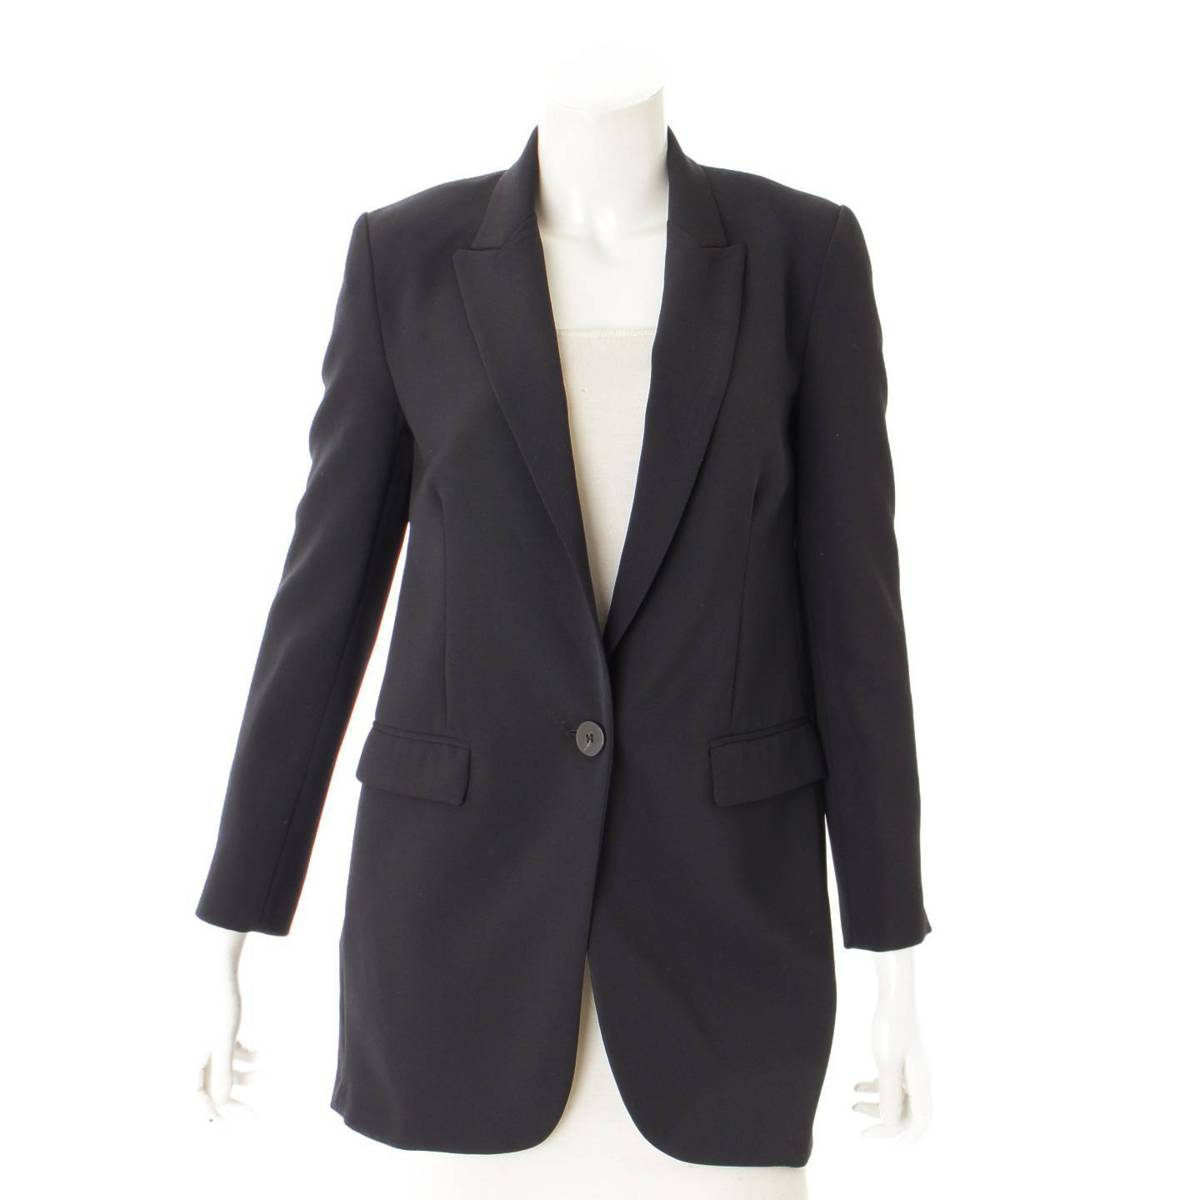 【ピンコ】Pinko ビジュー ブローチ ピークドラペル ジャケット ブラック 36 未使用【中古】【鑑定済・正規品保証】87955